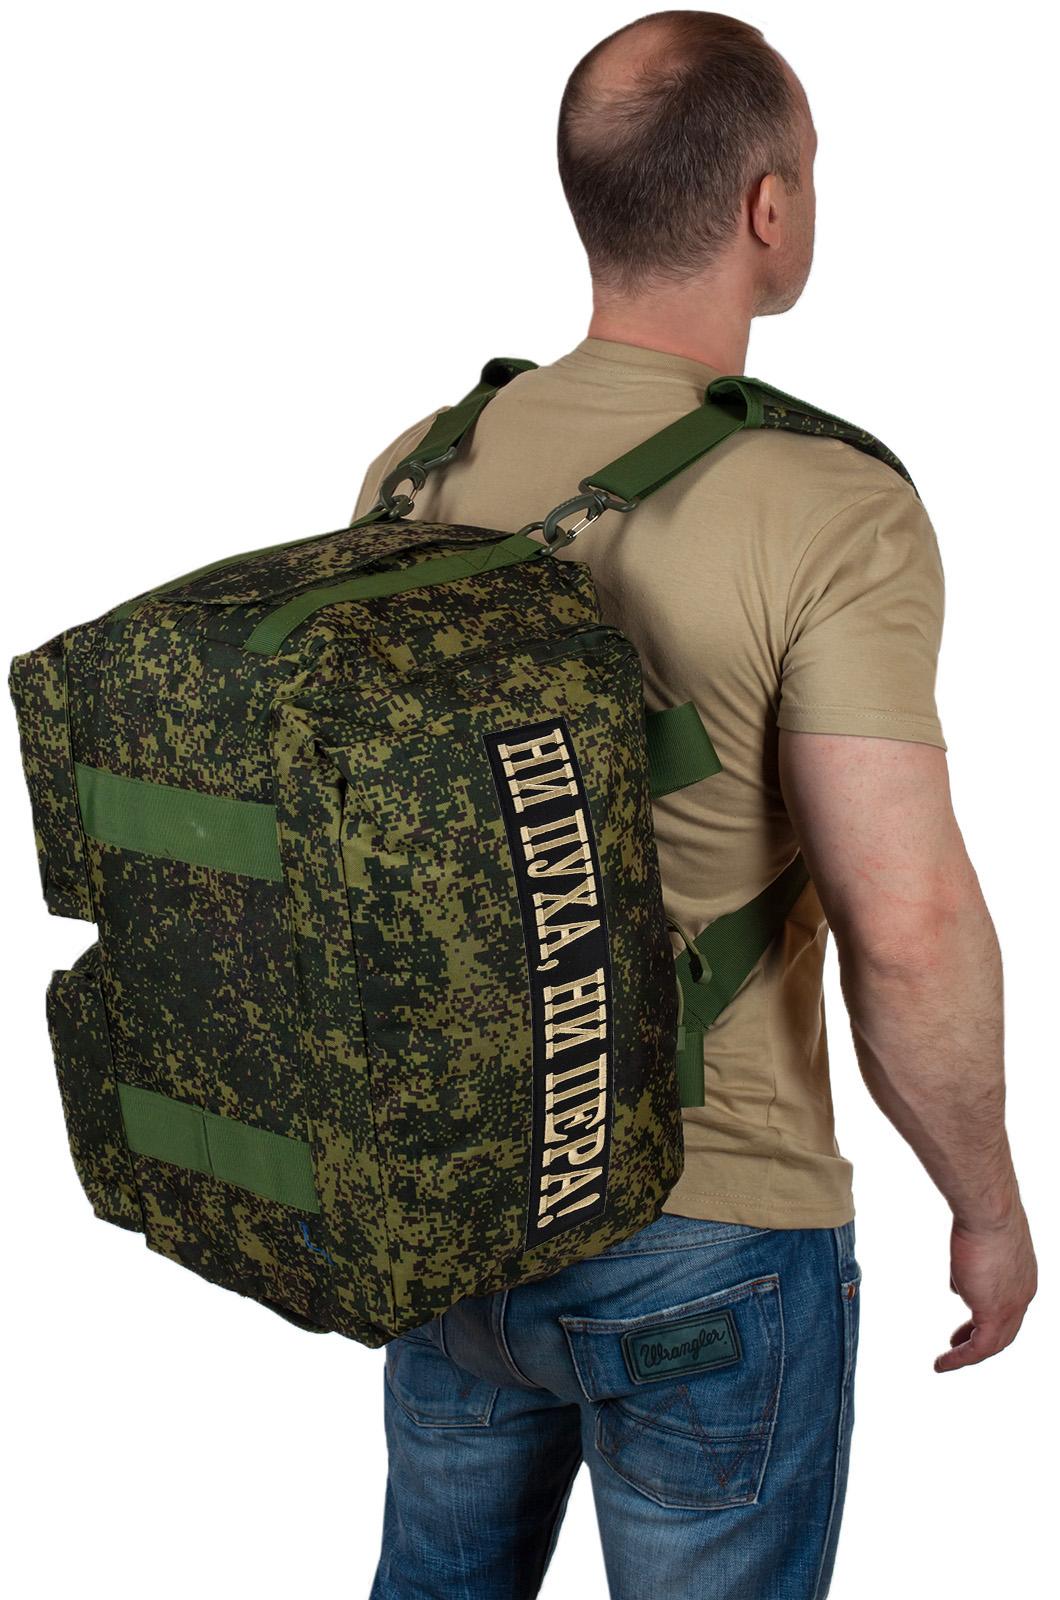 Купить тактическую камуфляжную сумку с нашивкой Ни пуха, Ни пера по специальной цене